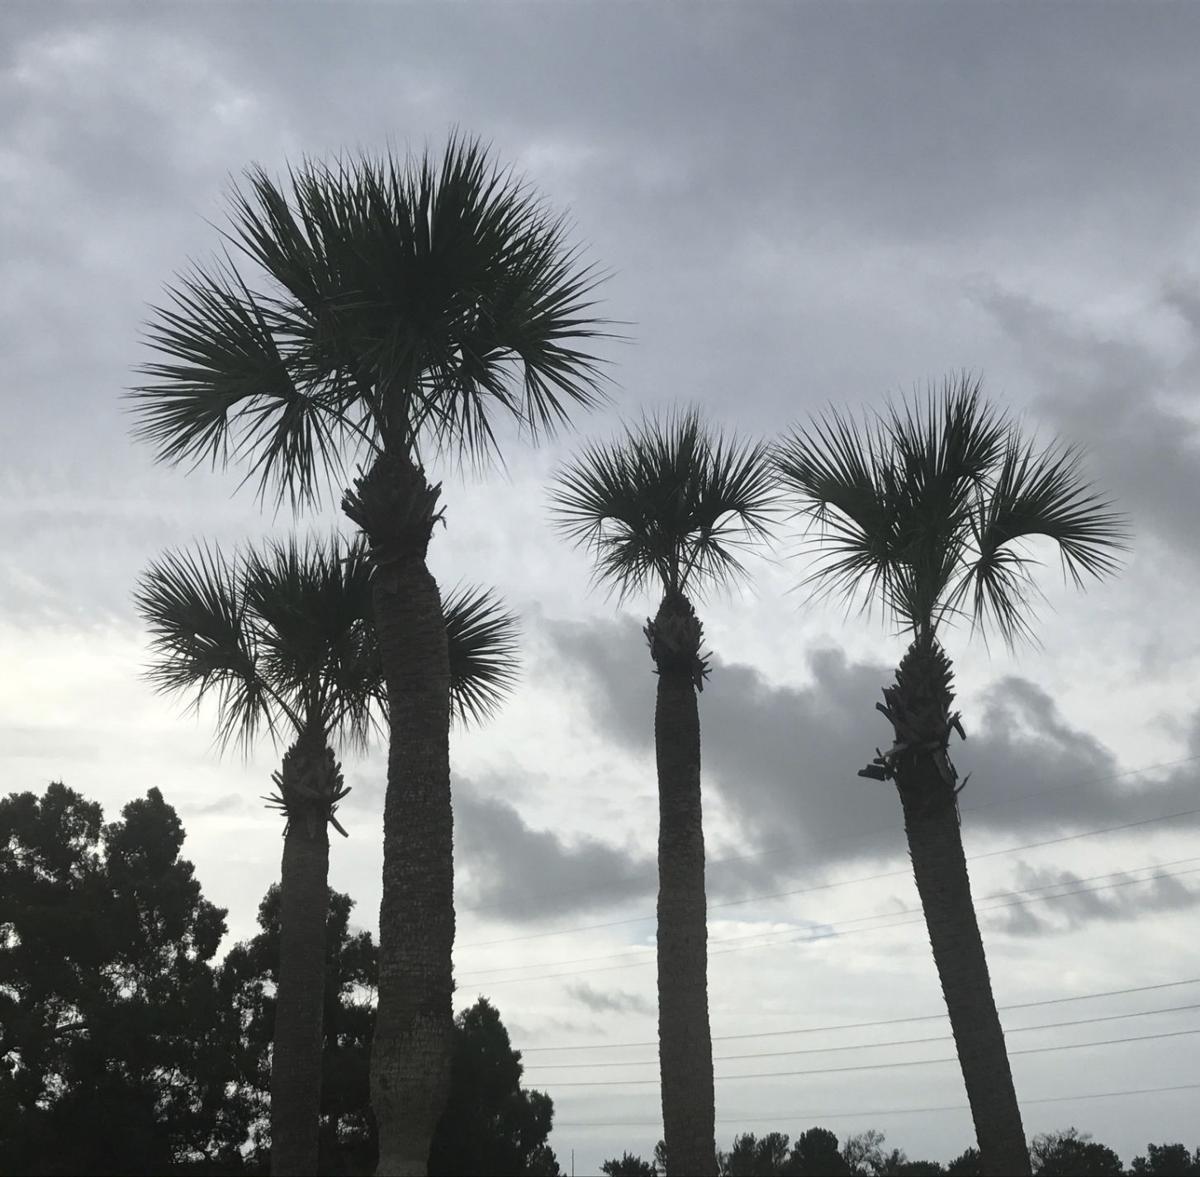 082917_palm02